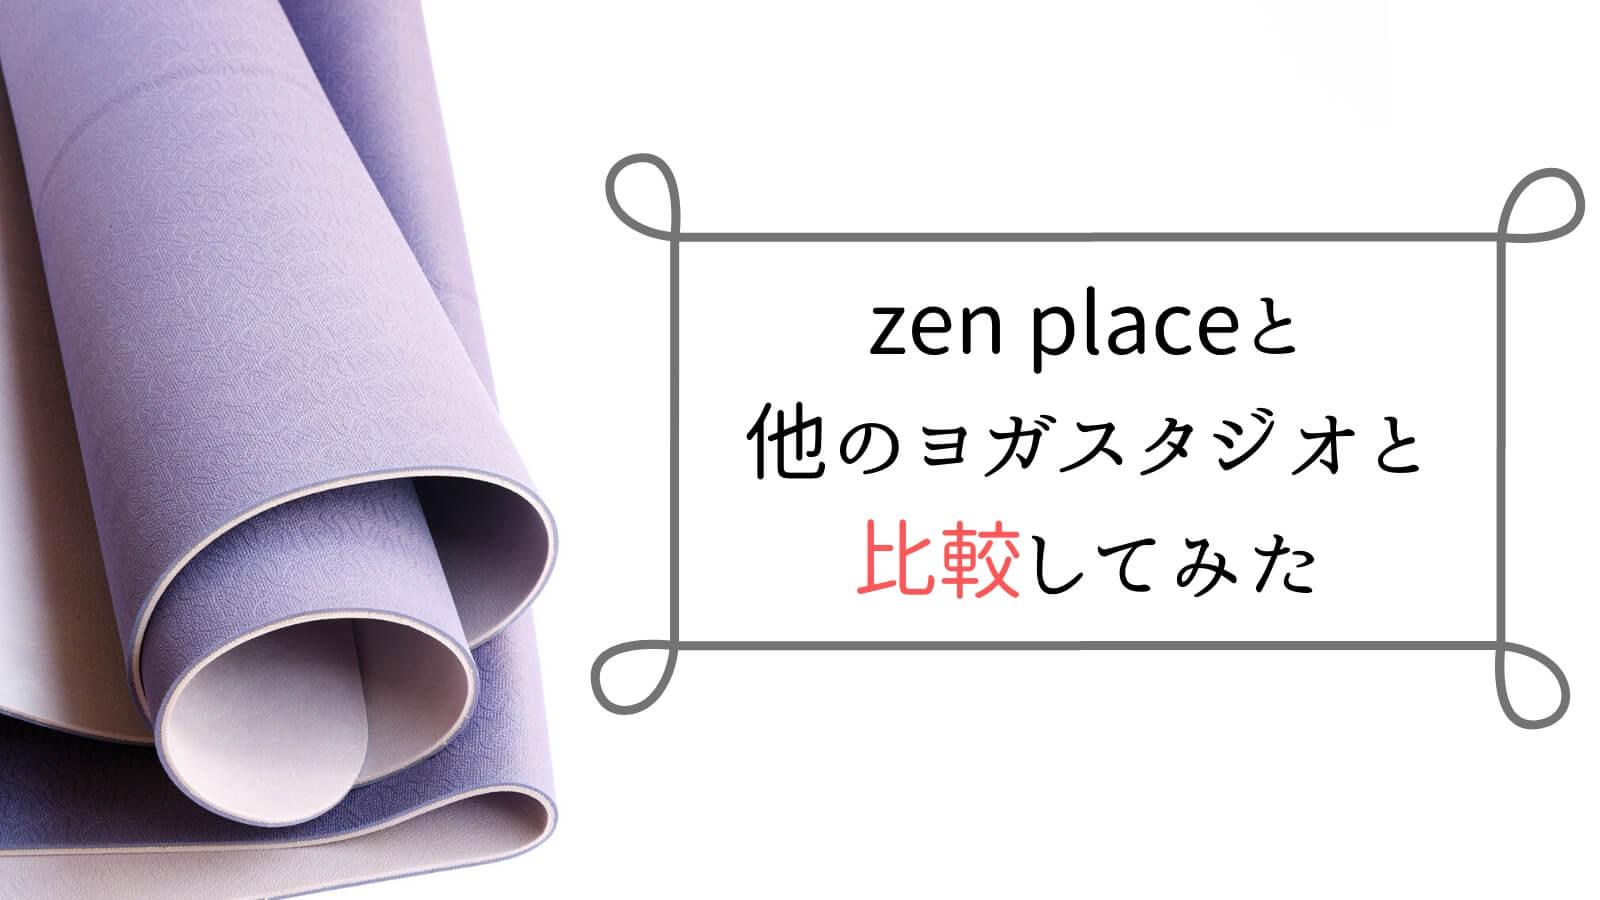 zen place(旧ヨガプラス)を他のヨガスタジオと比較してみた